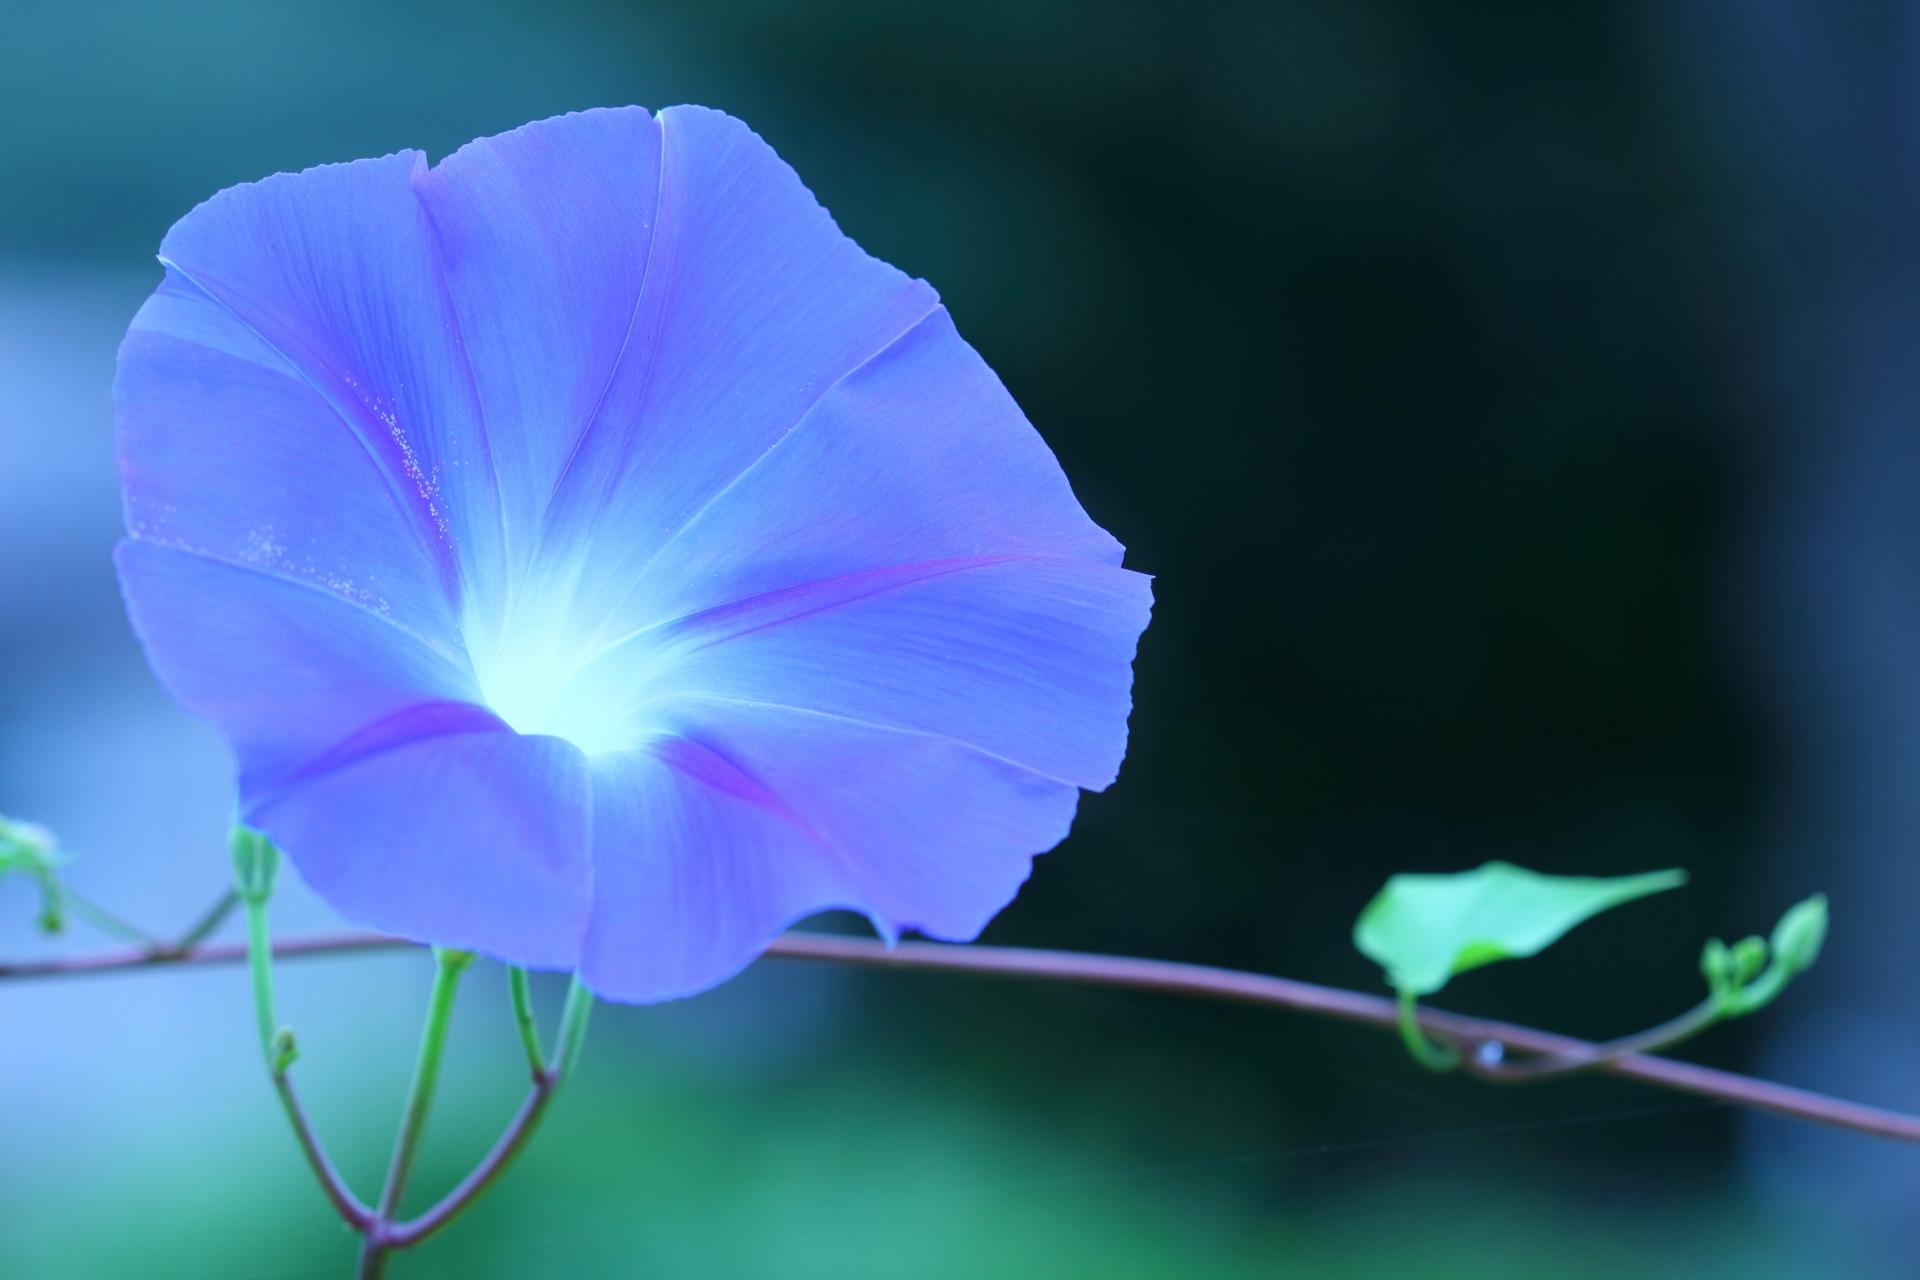 ガーデン用品屋さんの花図鑑 アサガオ